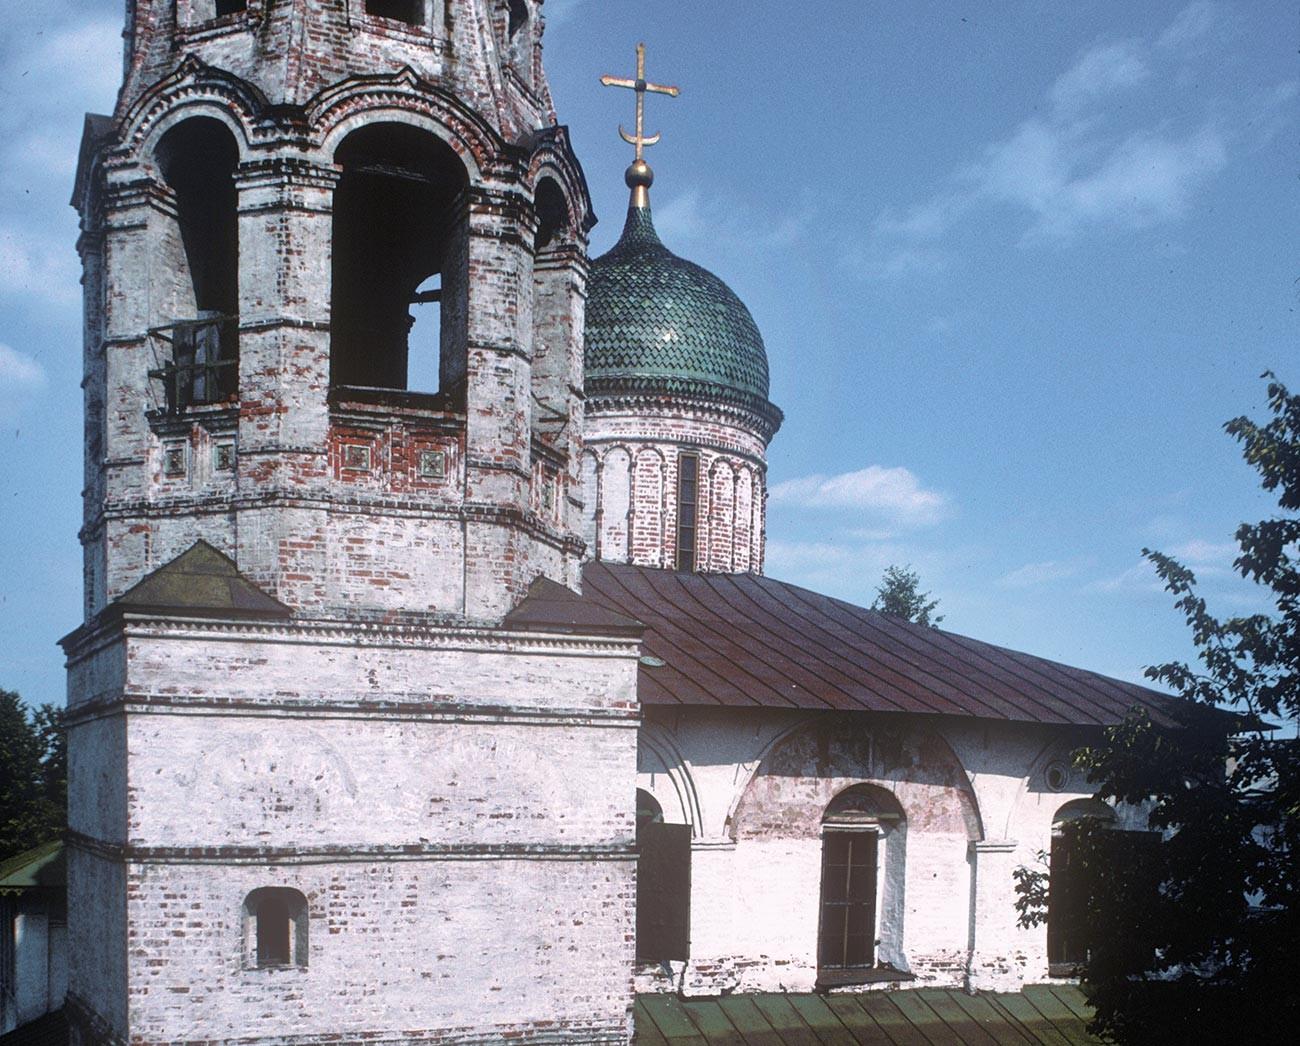 01 Iaroslavl. Église Saint-Nicolas Nadeïn. Vue ouest, étages supérieurs avec tour de clocher.